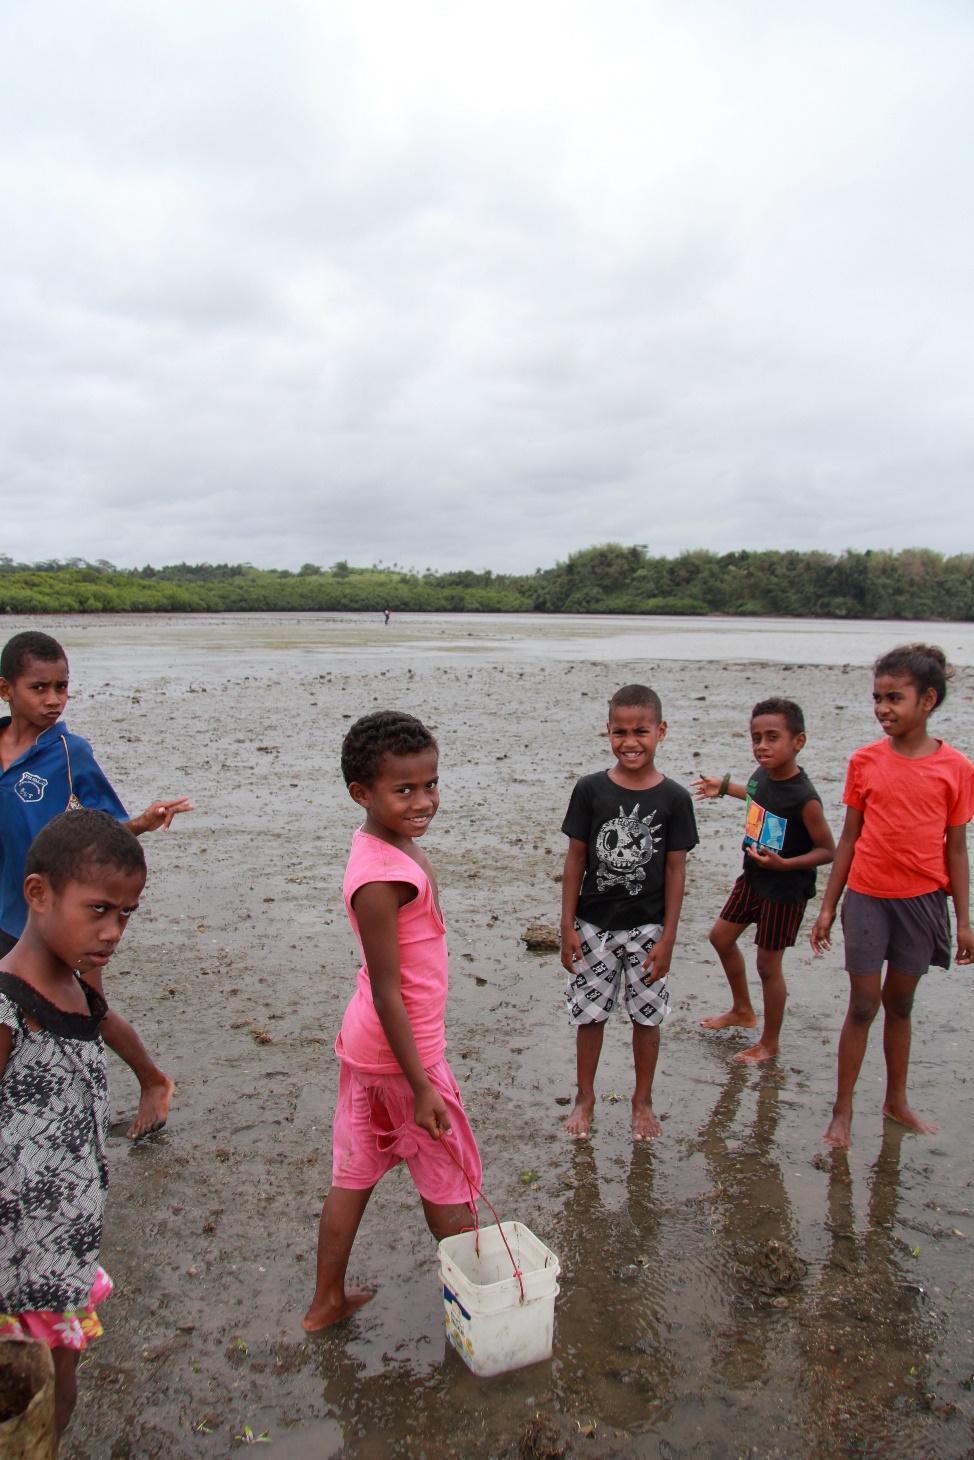 人懐っこい子供たちが漁場を案内してくれました